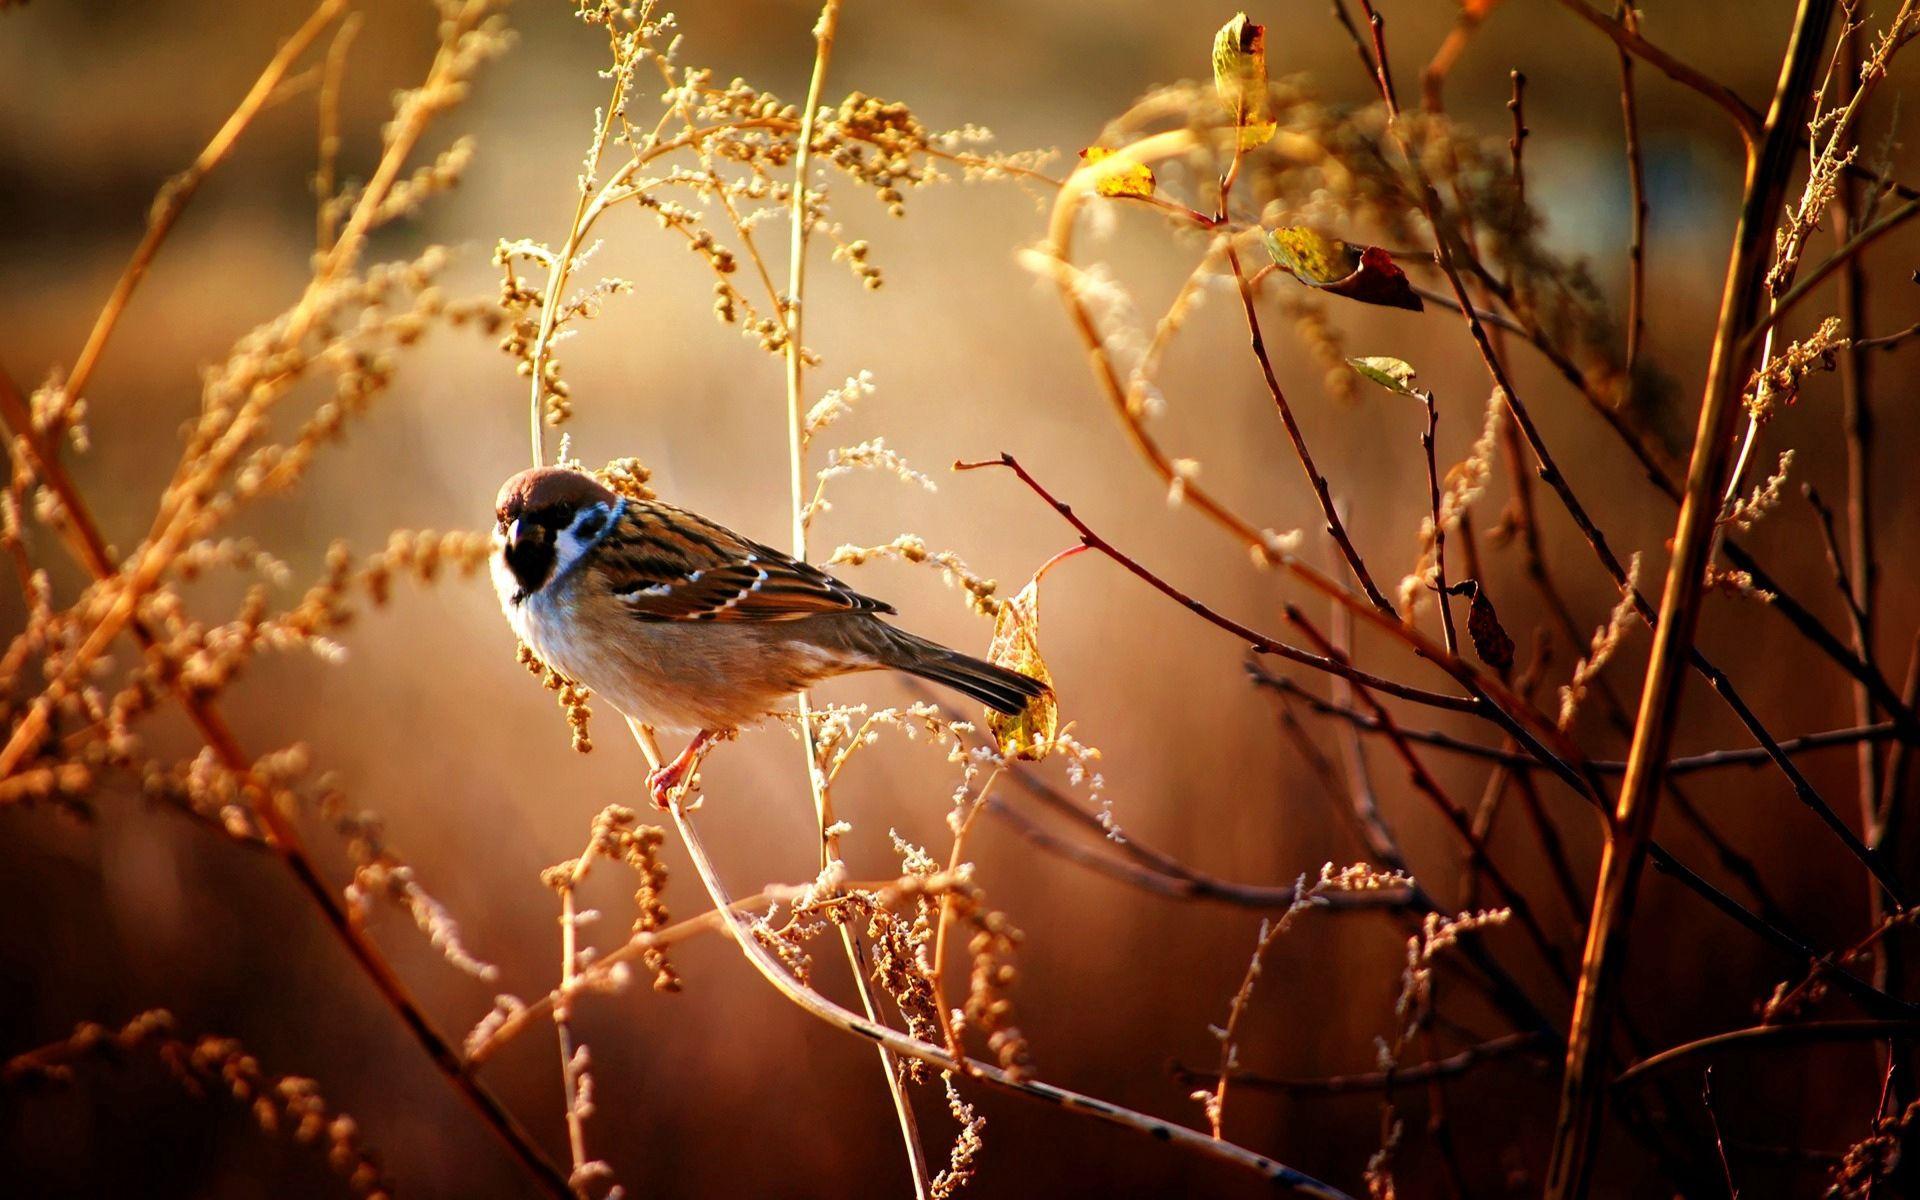 121095 descargar fondo de pantalla Animales, Gorrión, Pájaro, Sucursales, Ramas, Madera, Árbol, Flores: protectores de pantalla e imágenes gratis